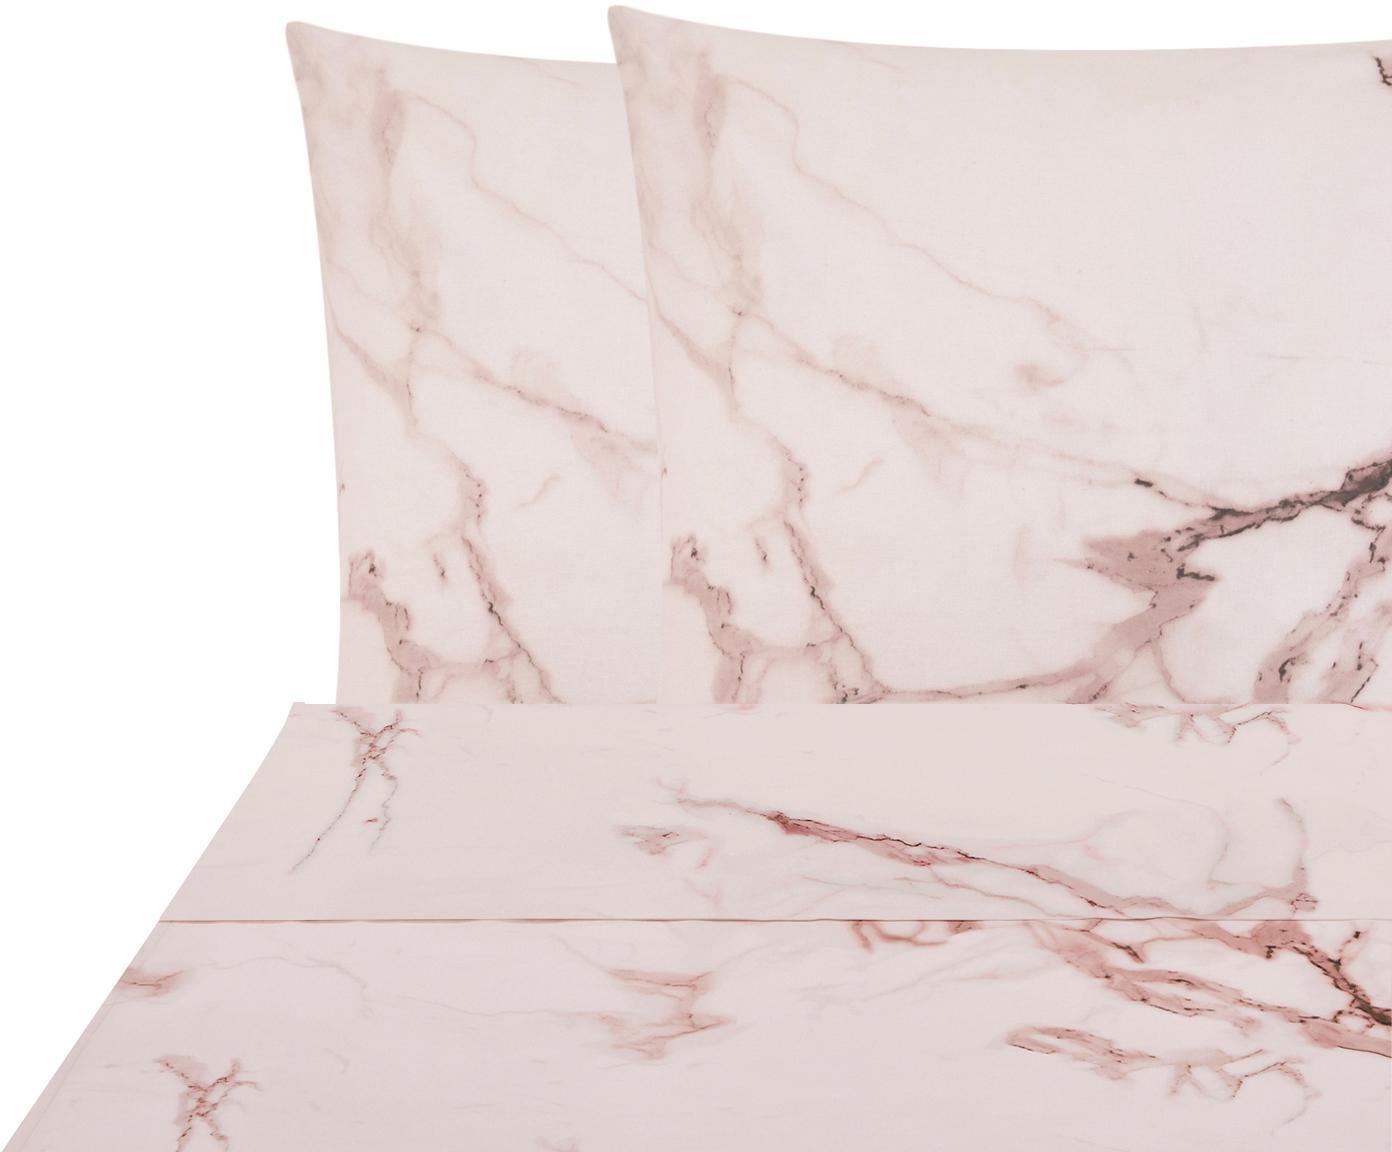 Parure letto Renforcé reversibile Malin, Tessuto: Renforcé, Rosa, 240 x 300 cm